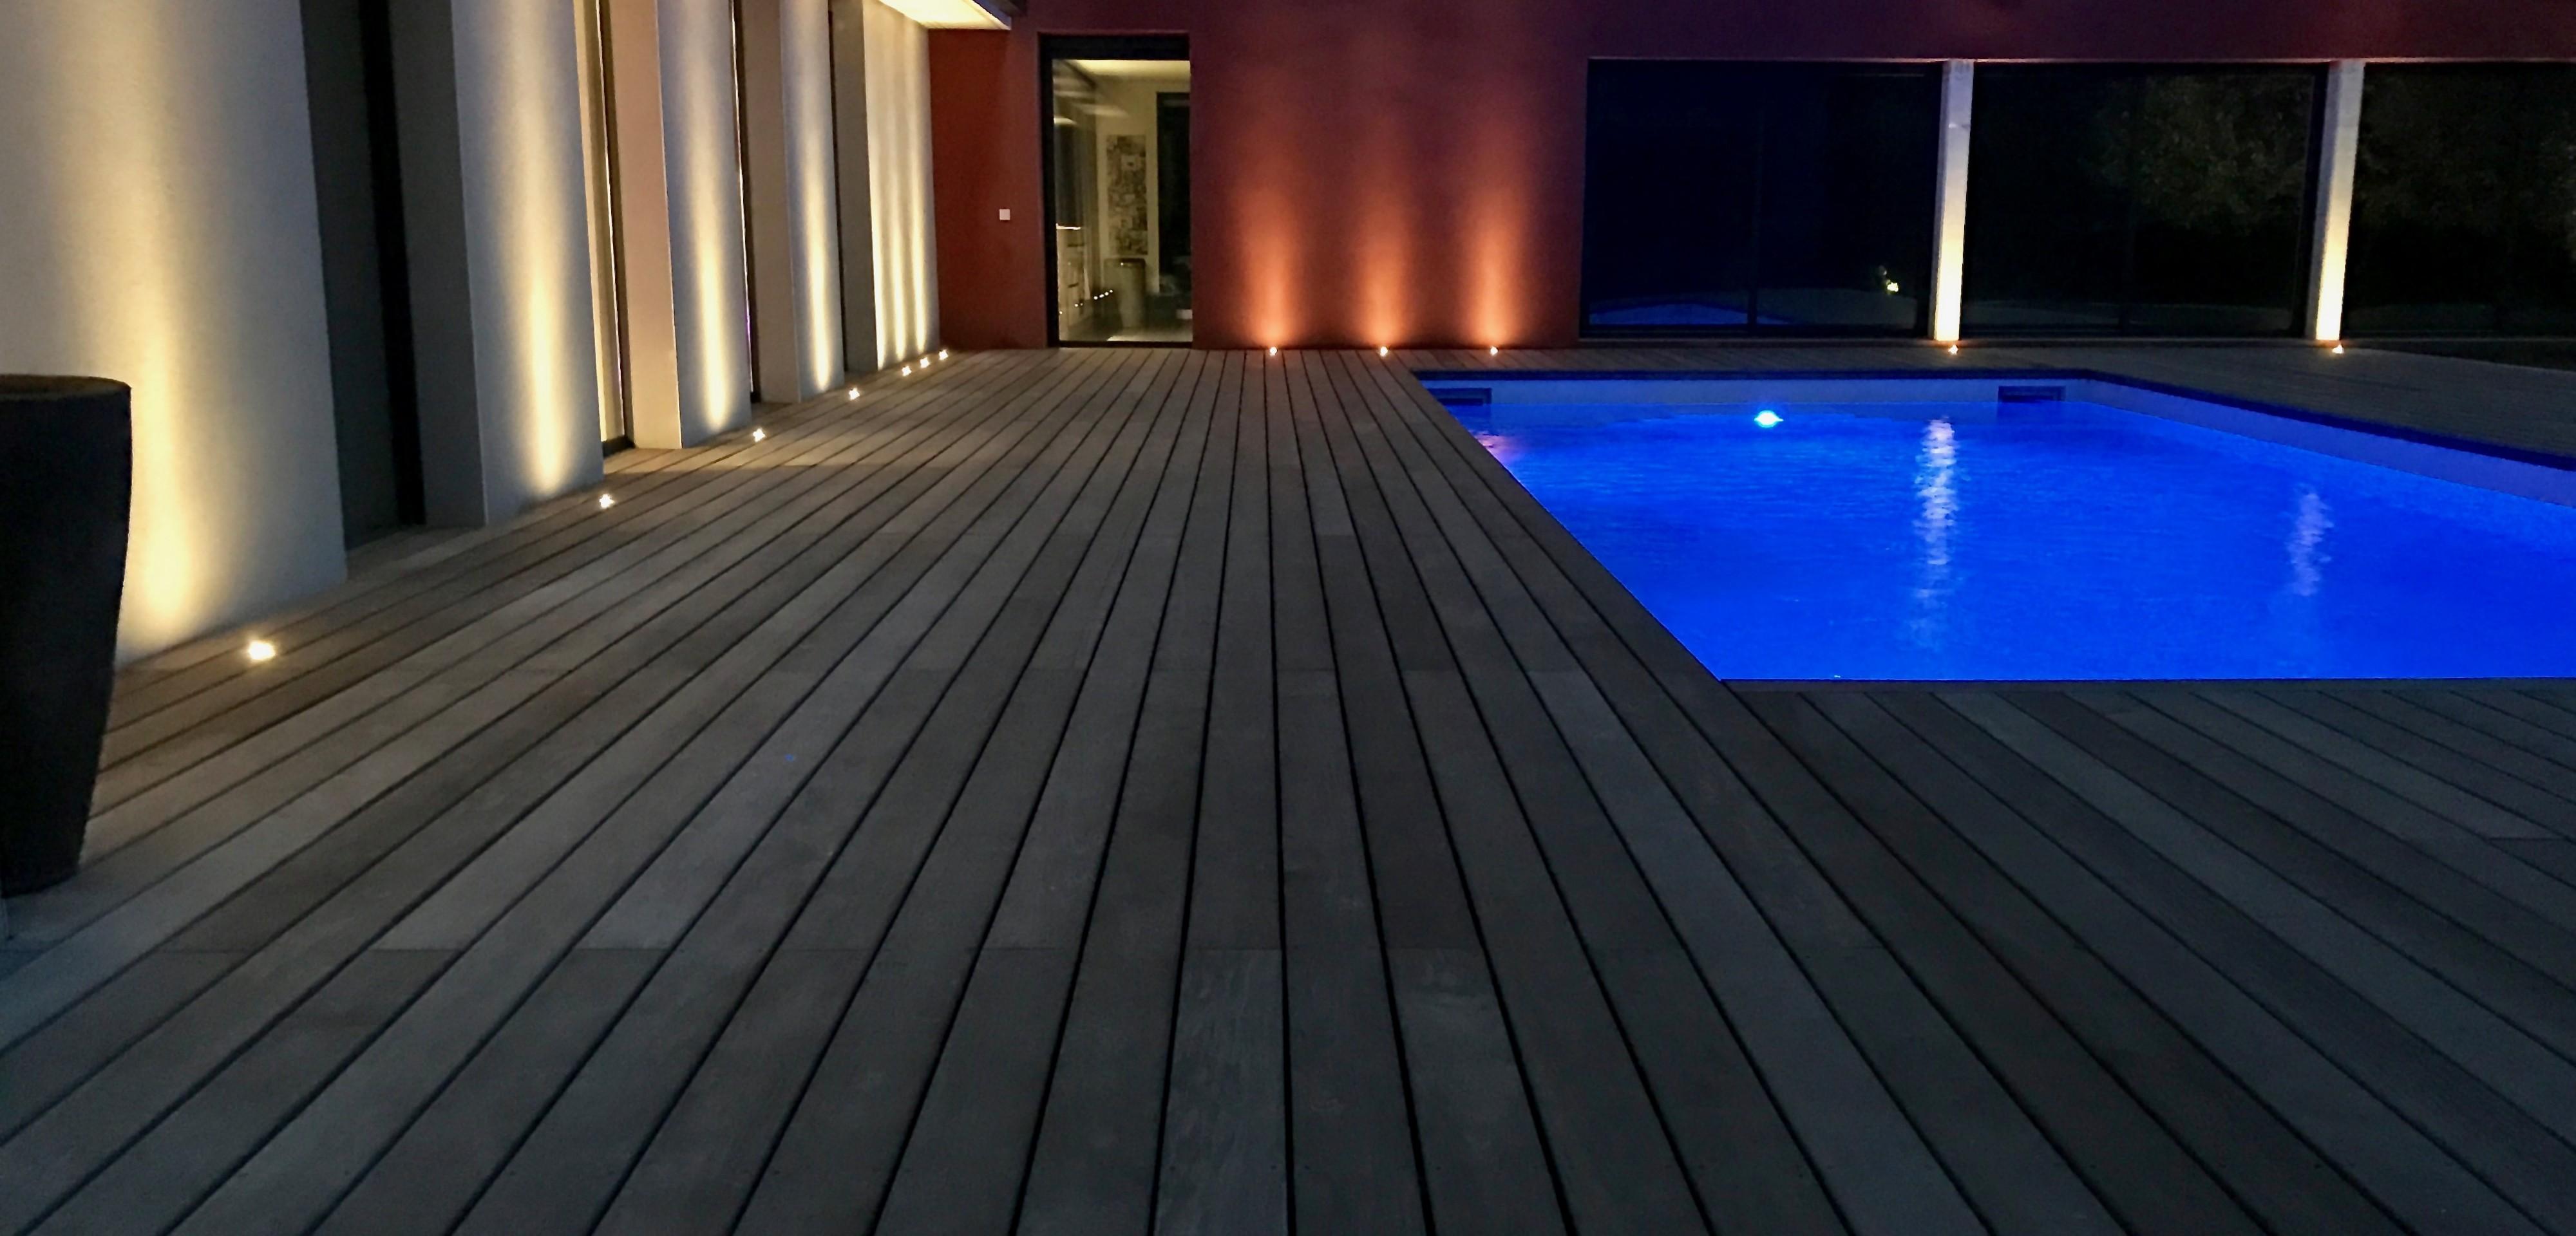 Quel Est Le Meilleur Bois Pour Terrasse relookage d'une plage de piscine : éclairage d'un tour de